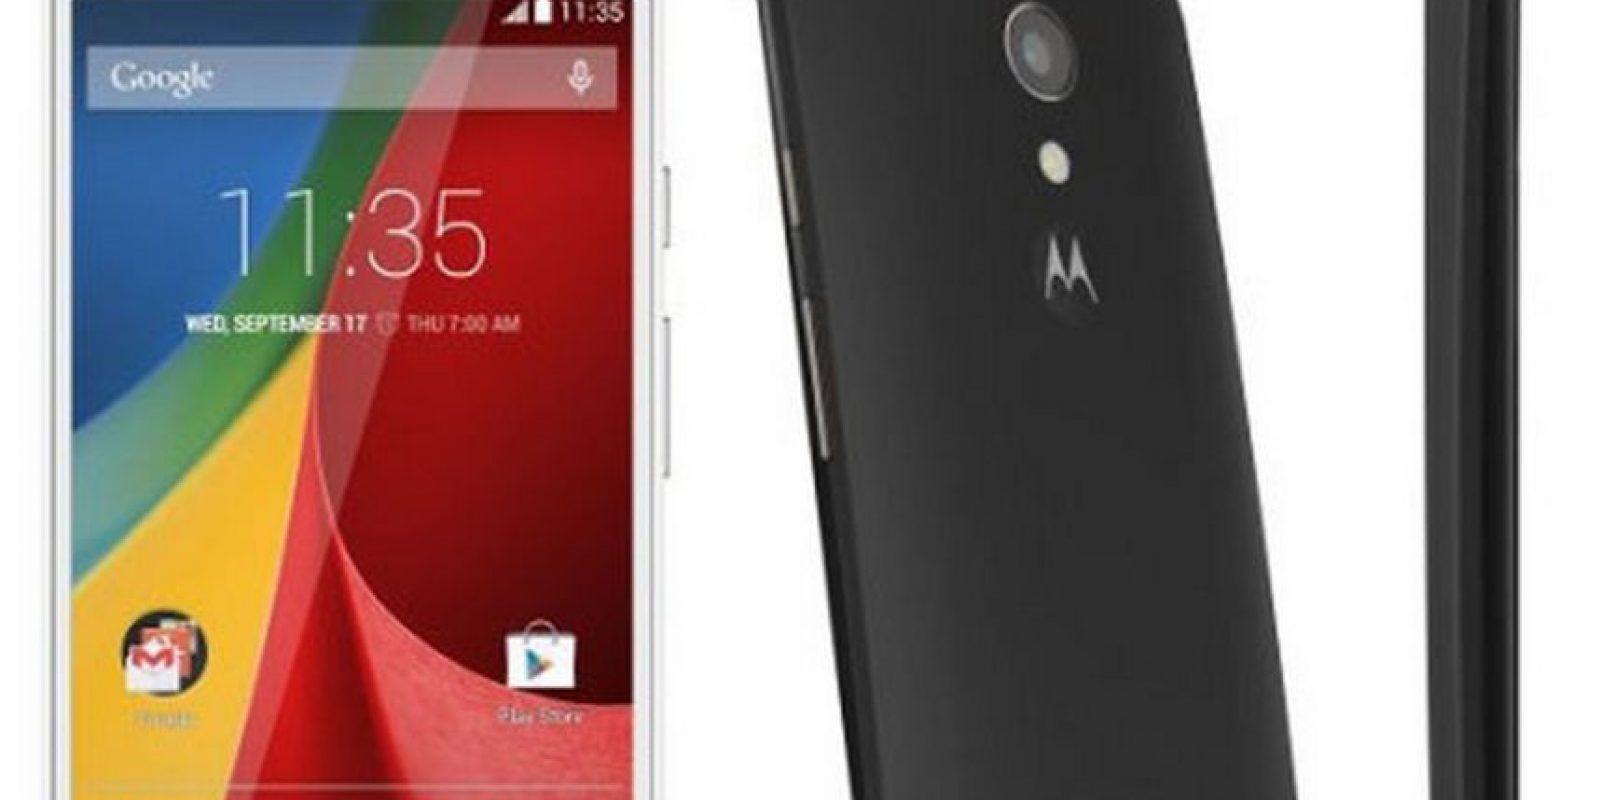 Cámara trasera: 13 megapíxeles Foto:Motorola